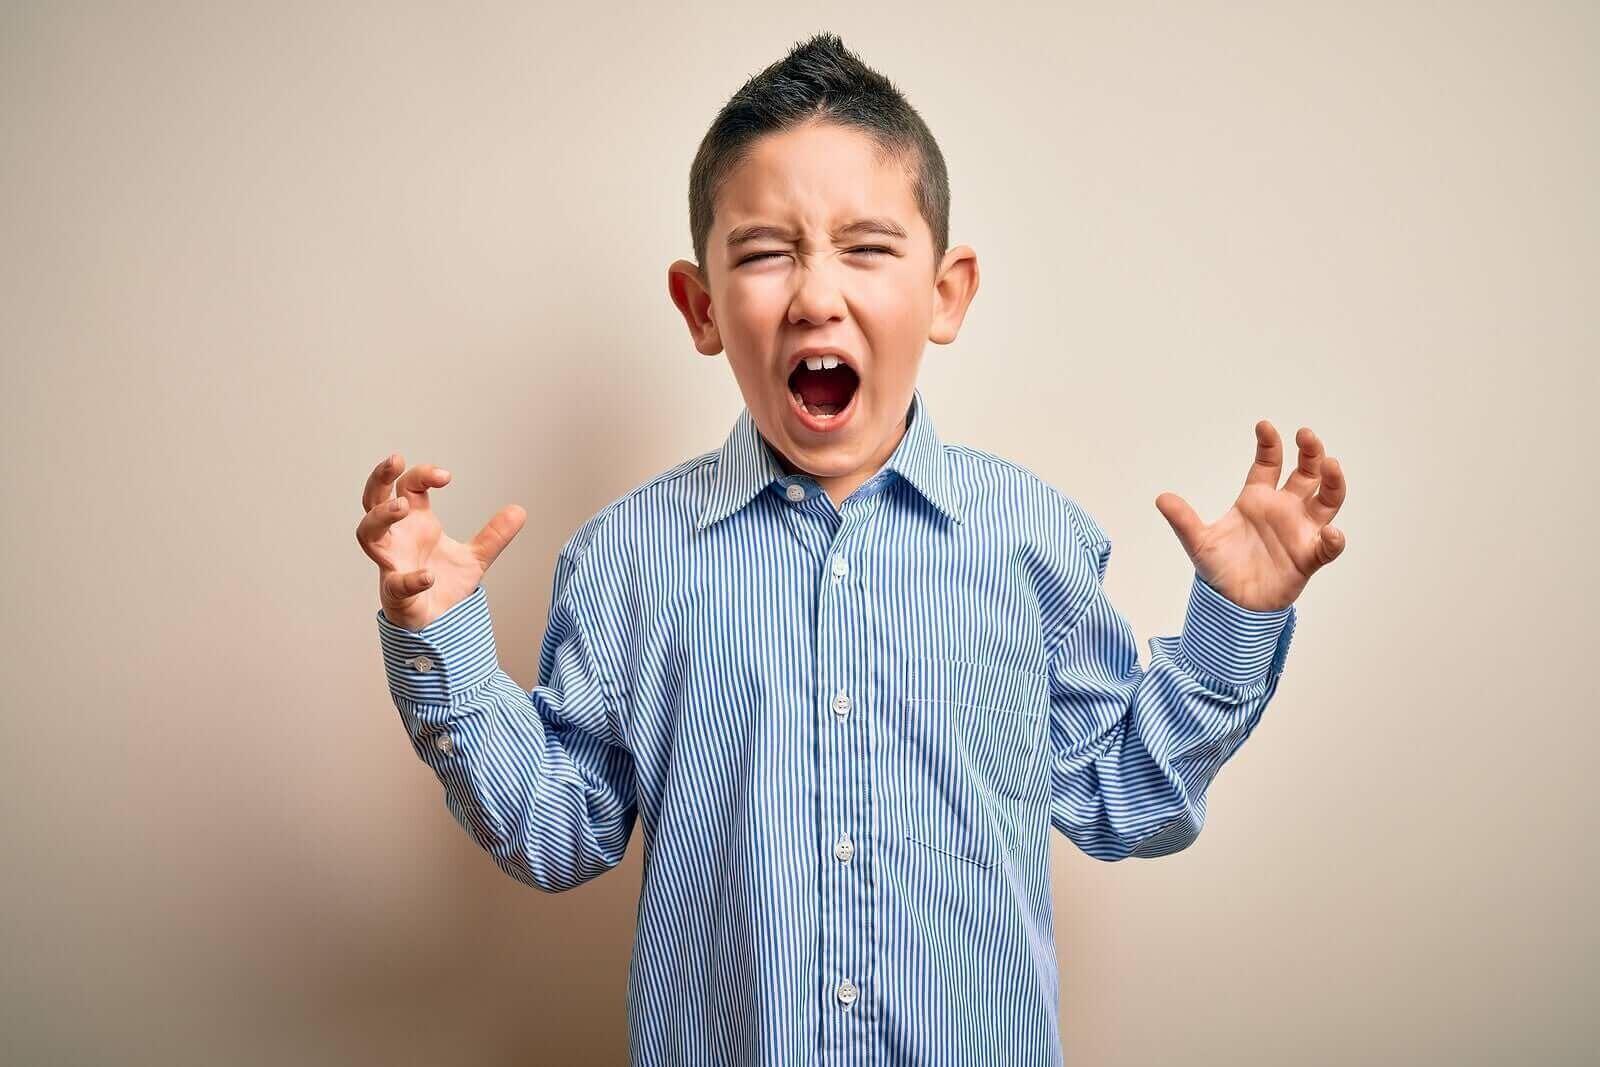 çocuklarda öfke